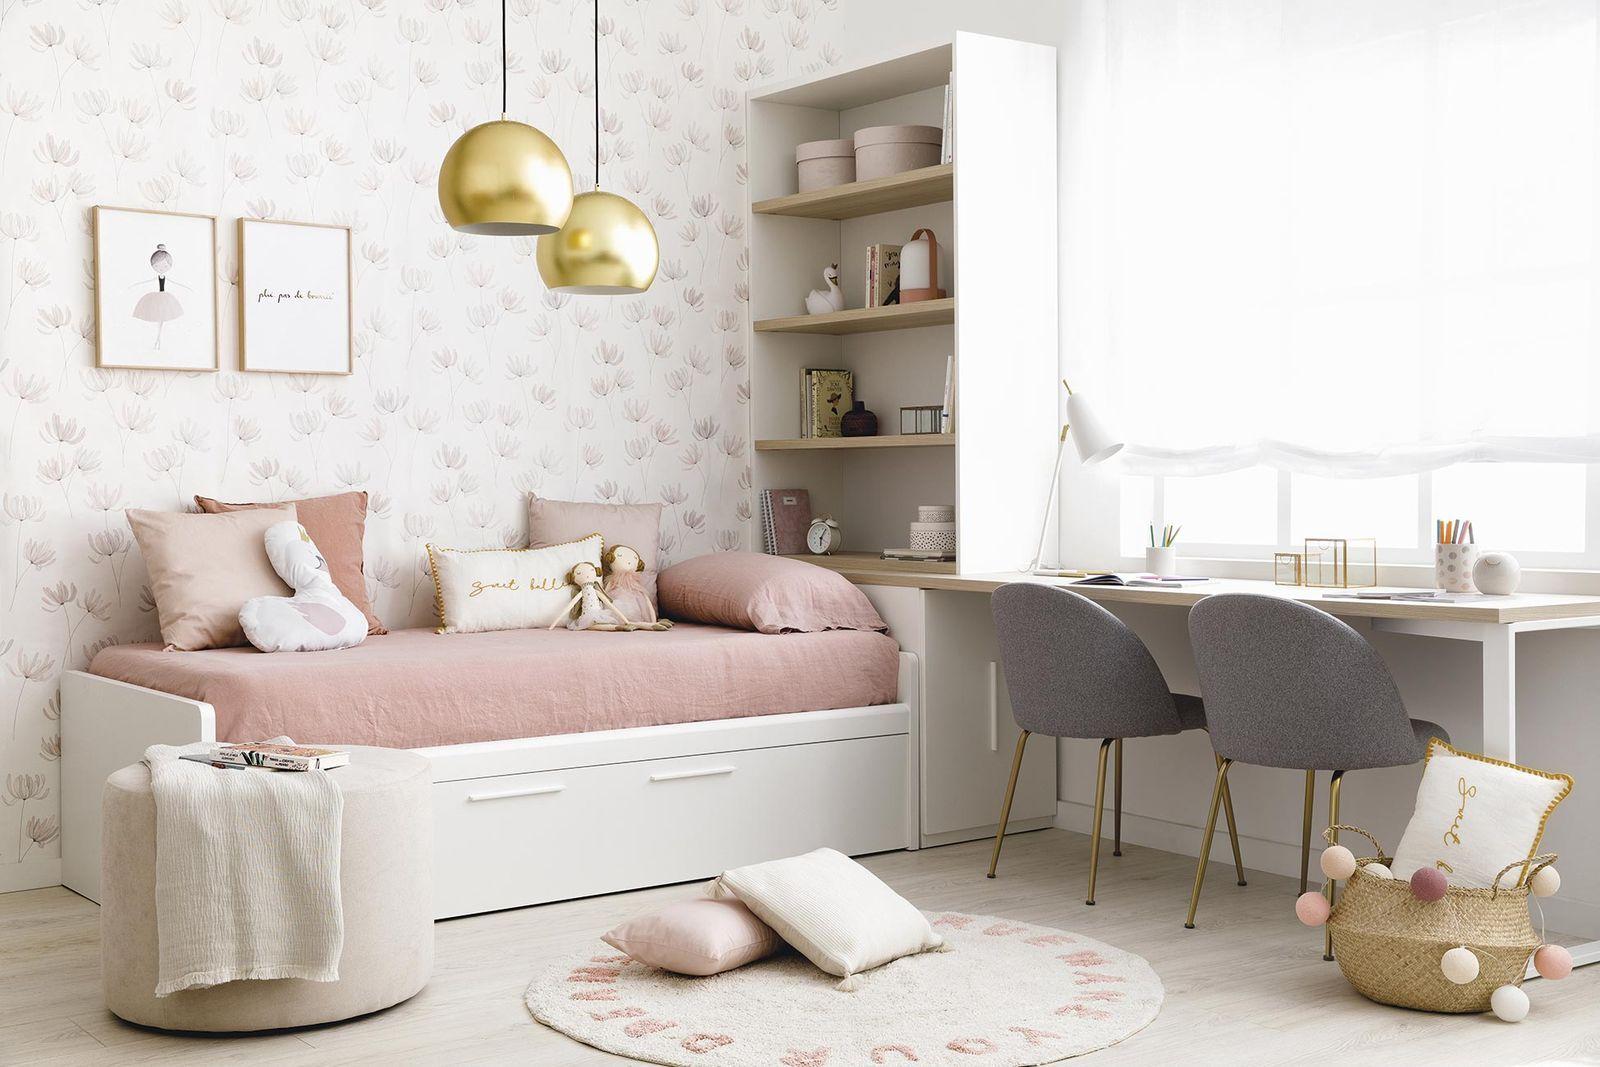 Los dormitorios infantiles deben estimular su imaginación